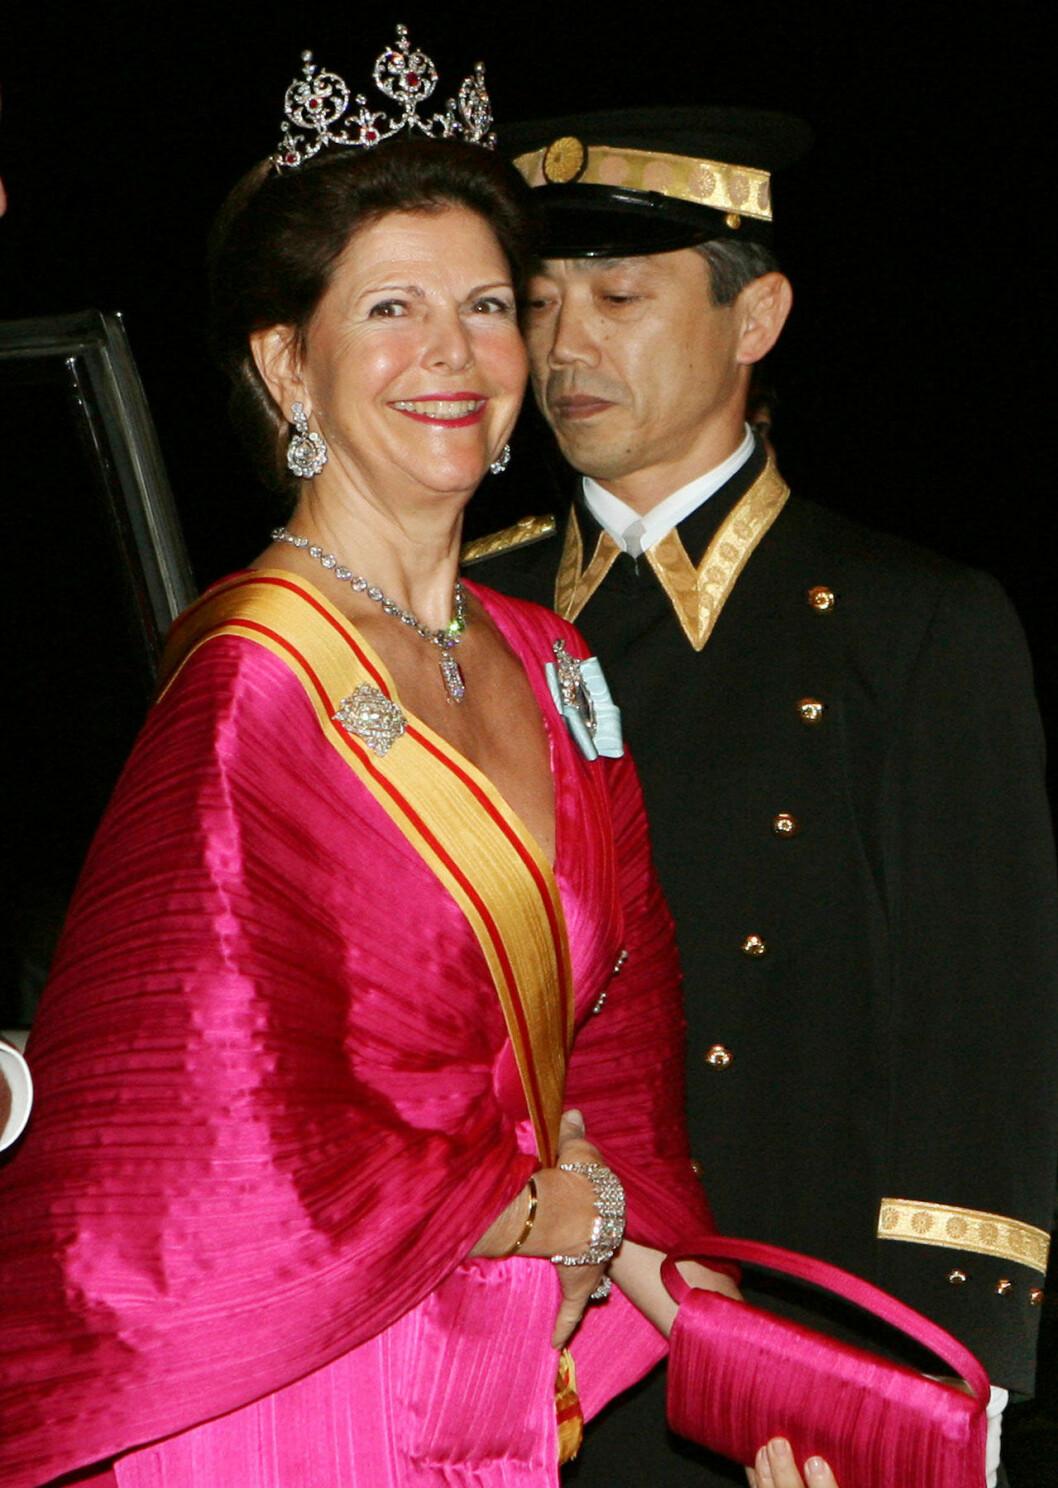 Drottning Silvia i rubindiadmet under statsbesöket i Japan 2007.